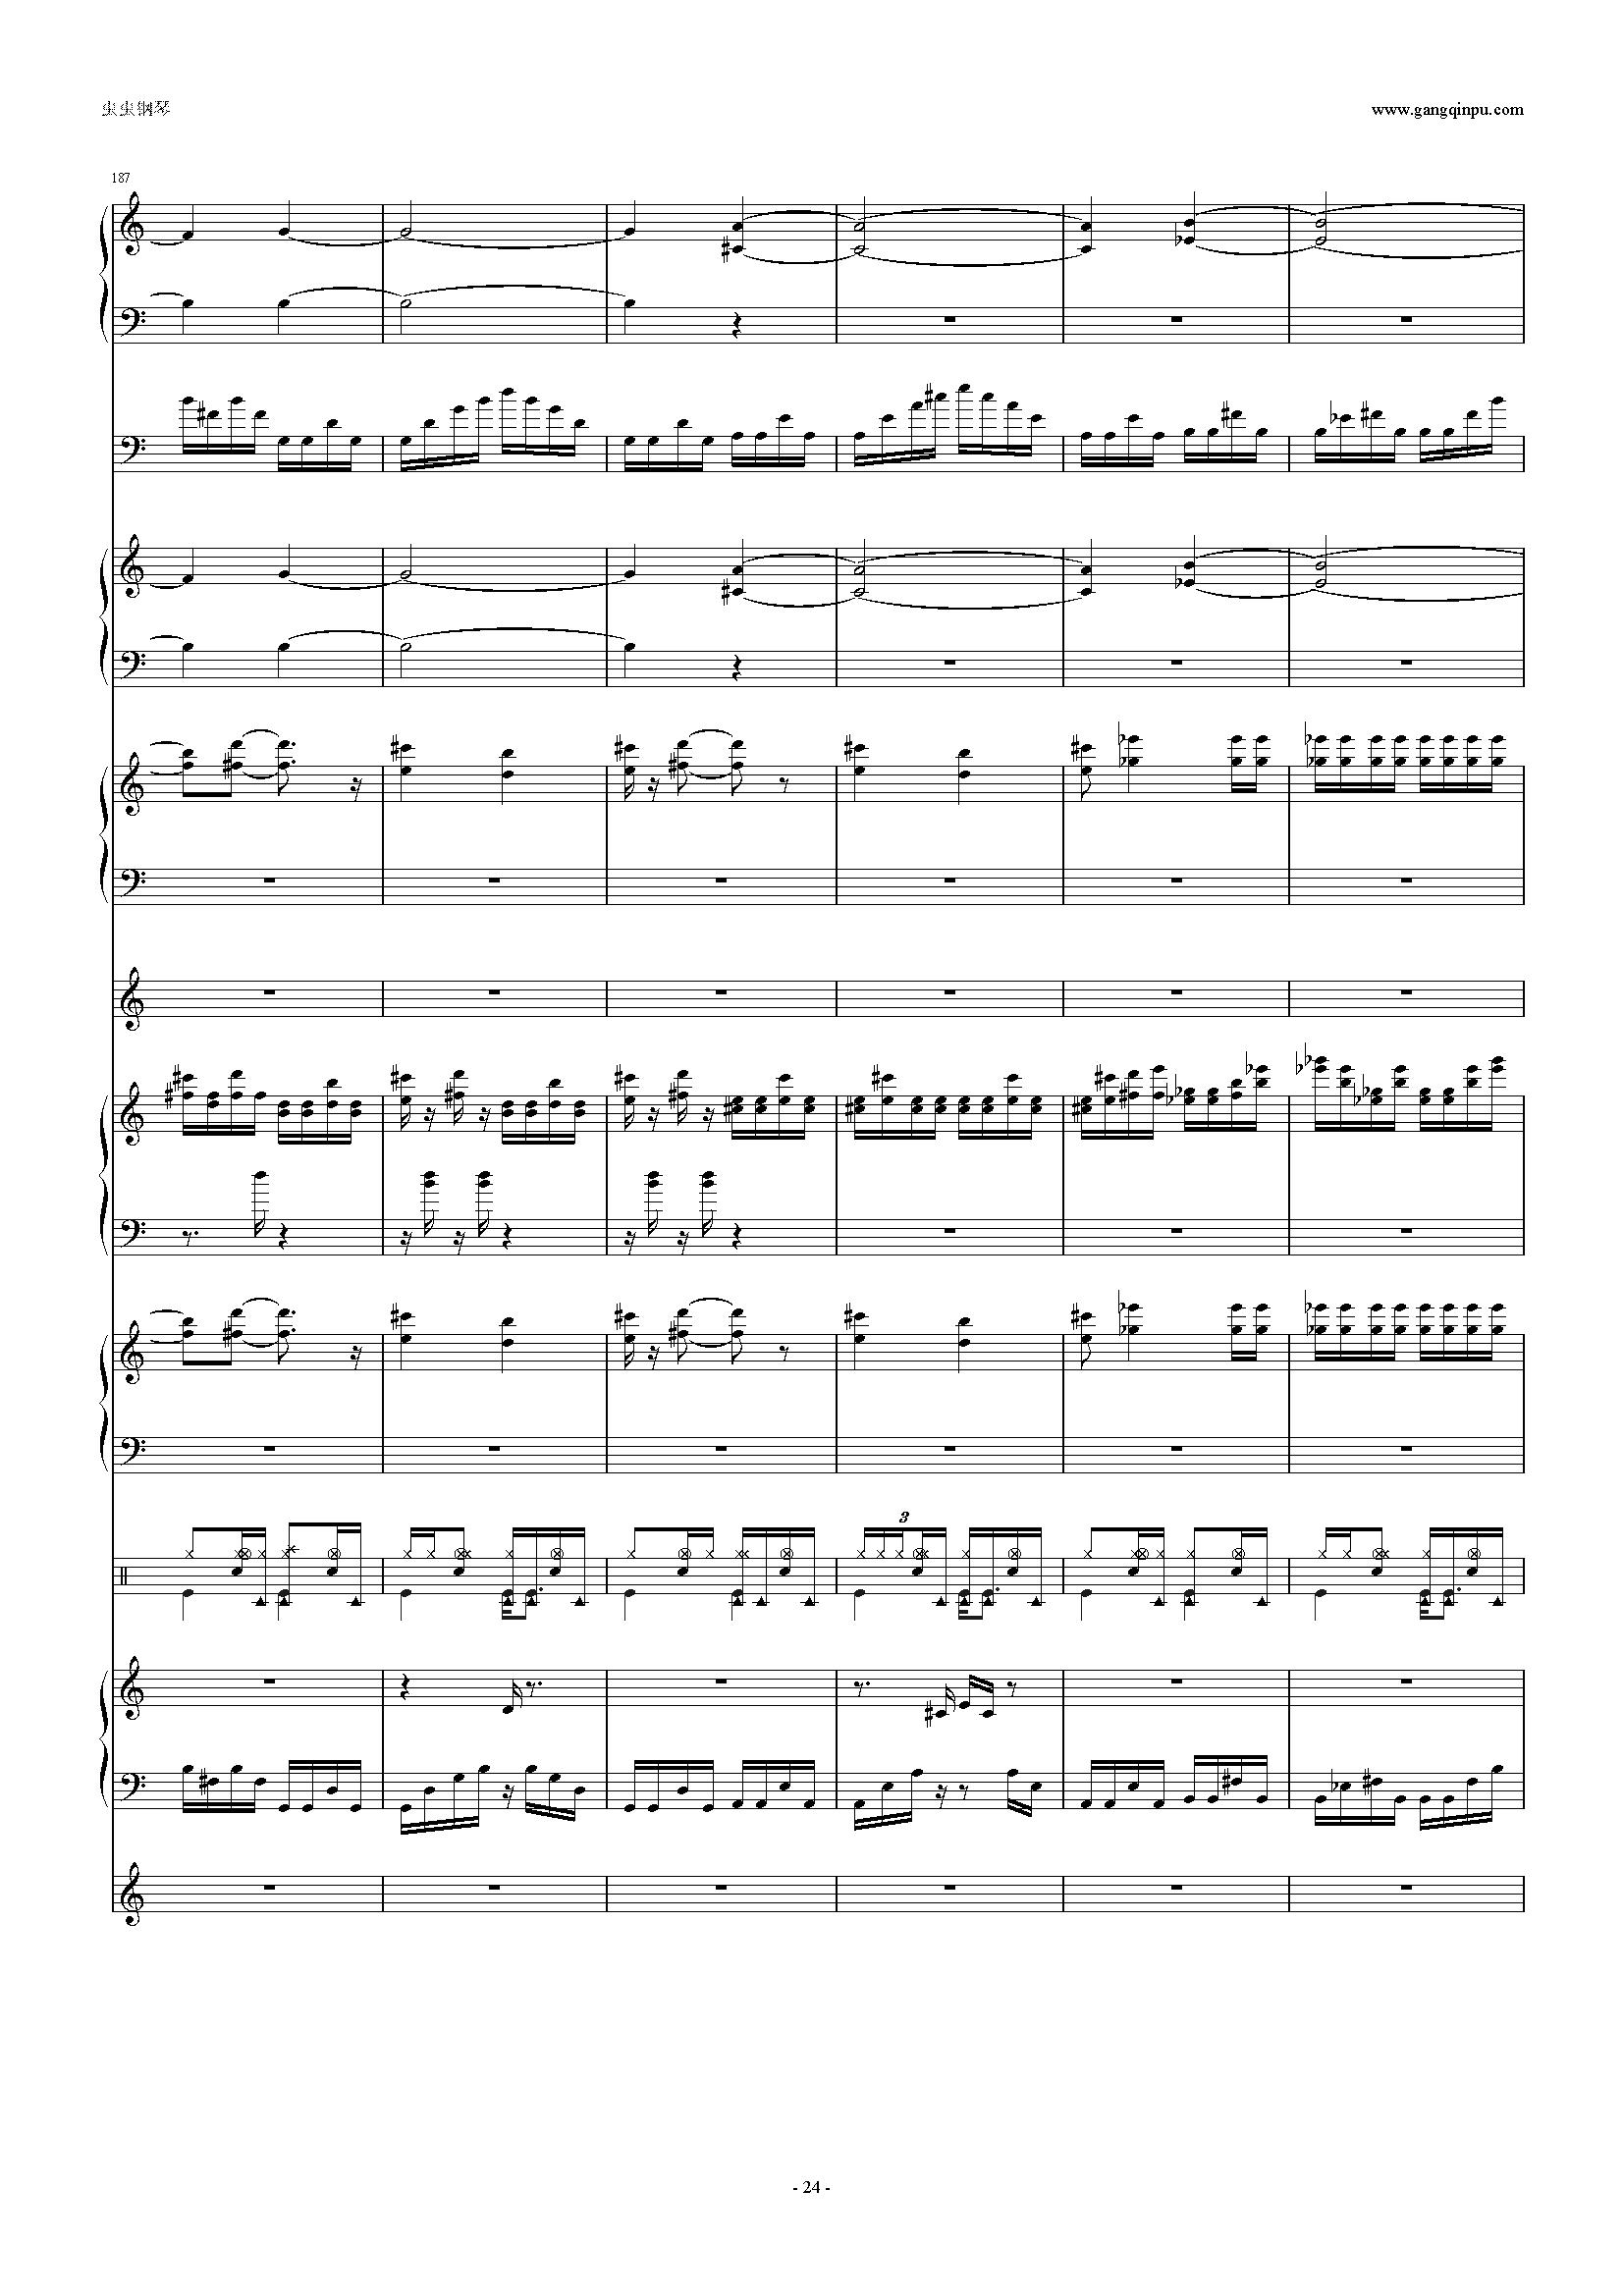 少女幻葬钢琴谱 第24页